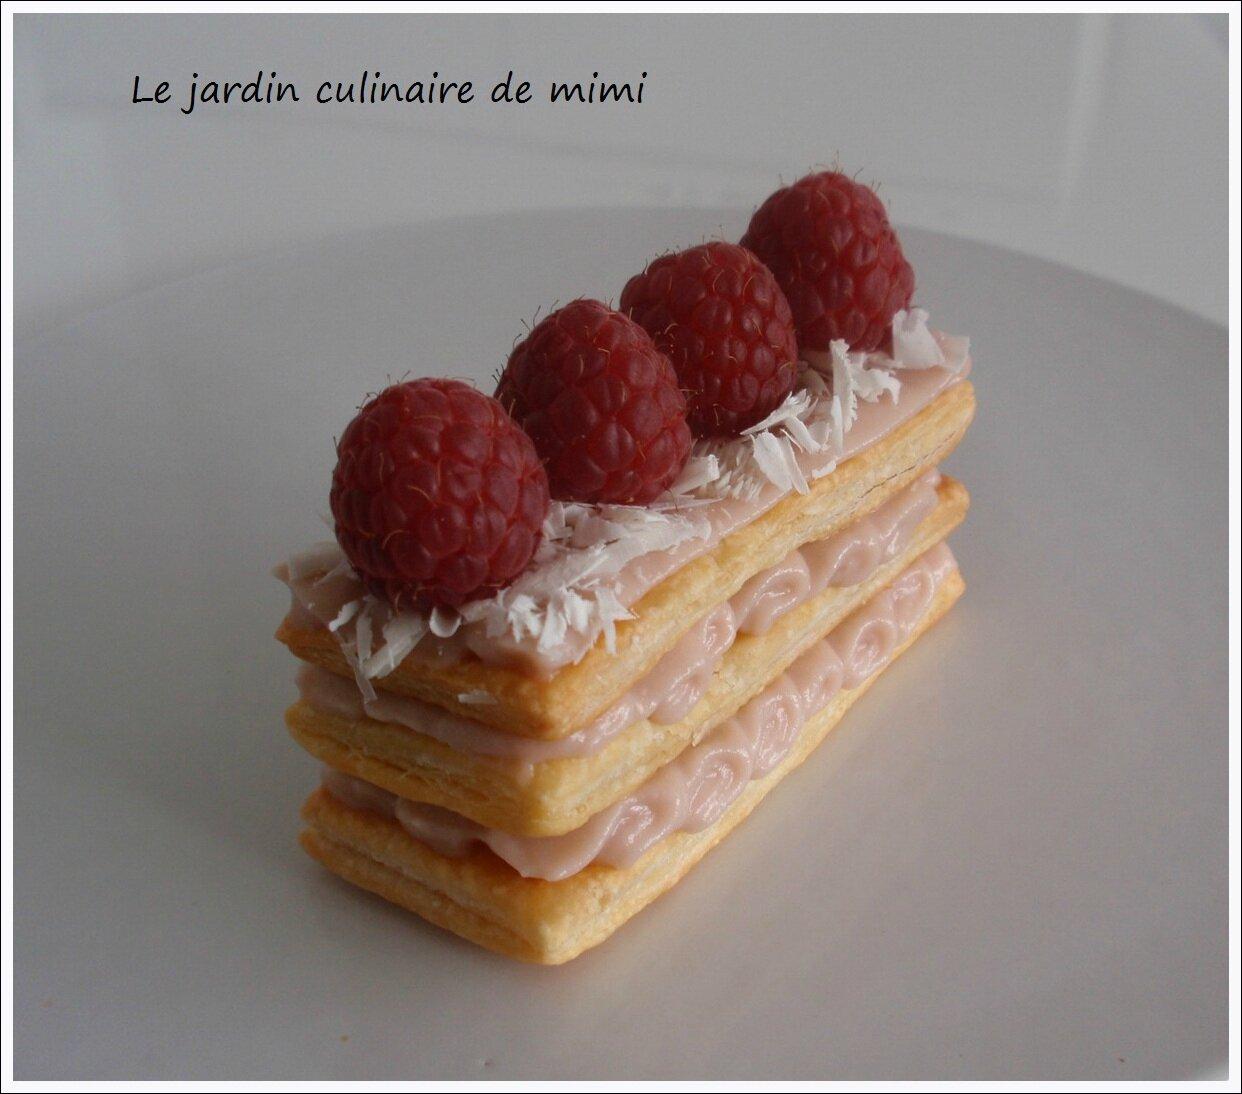 Petits mille feuilles aux framboises by mimi le jardin for Dessert facile et rapide et original